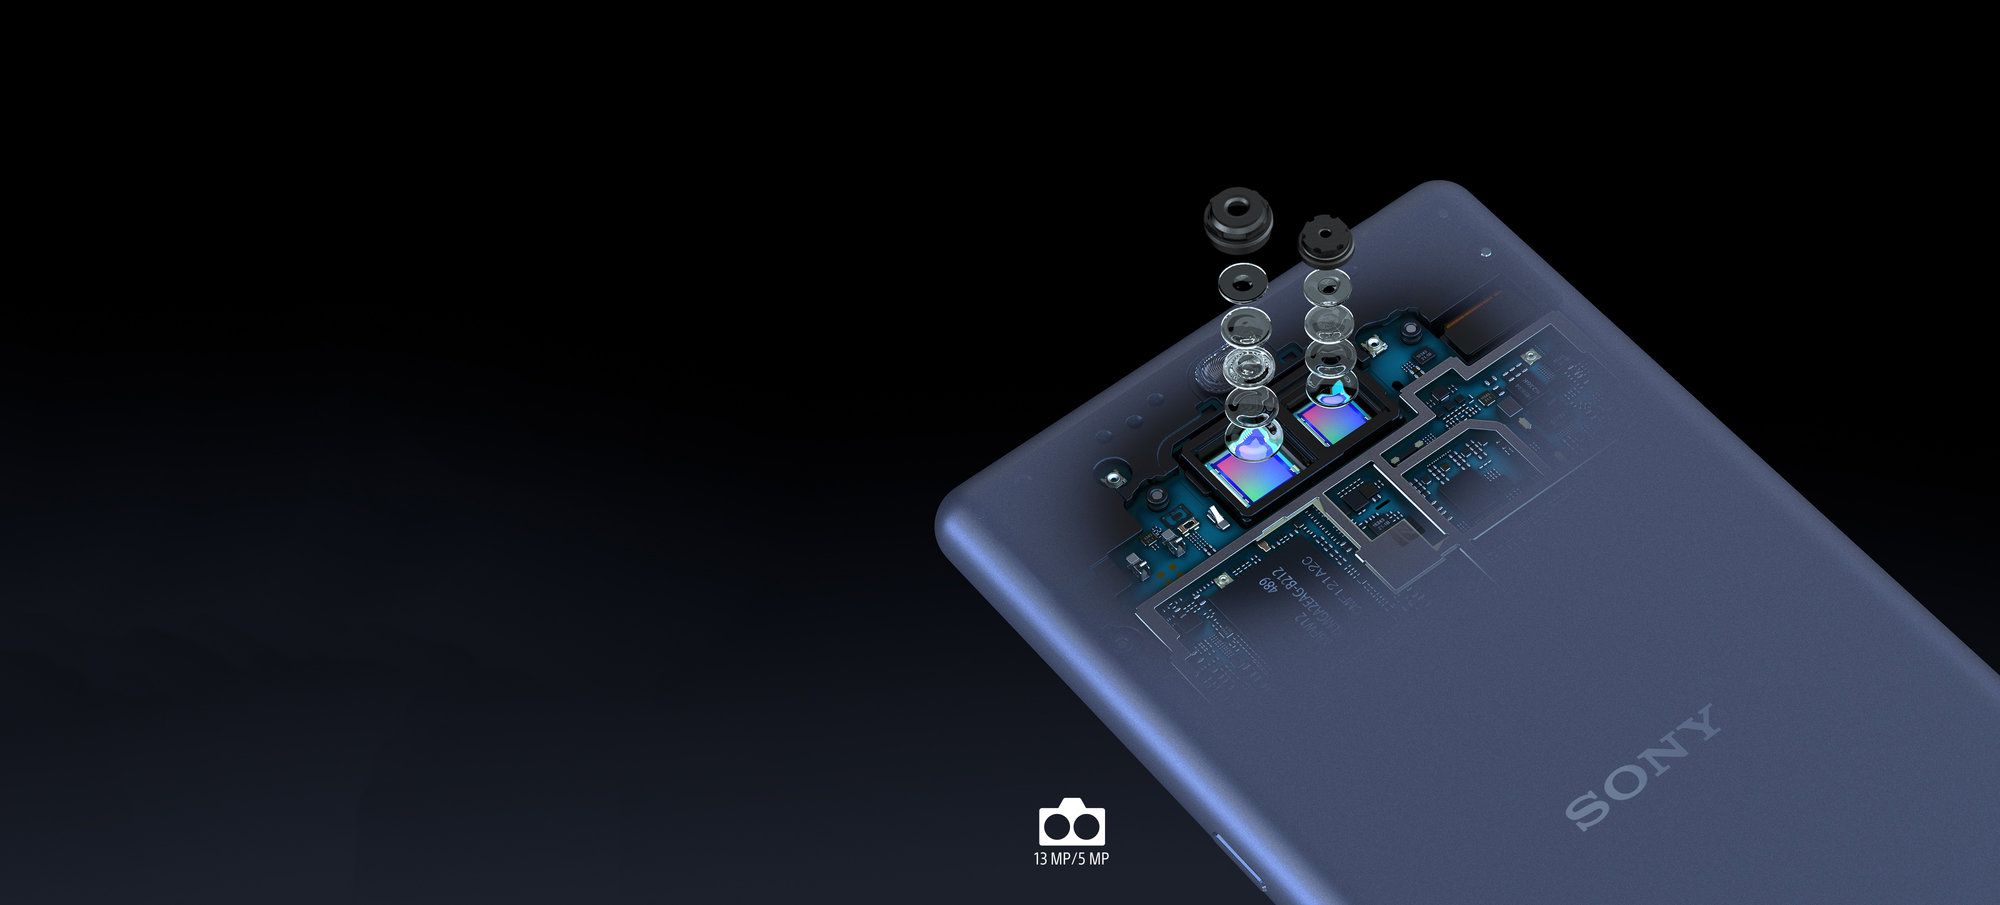 13 Megapixel Sony